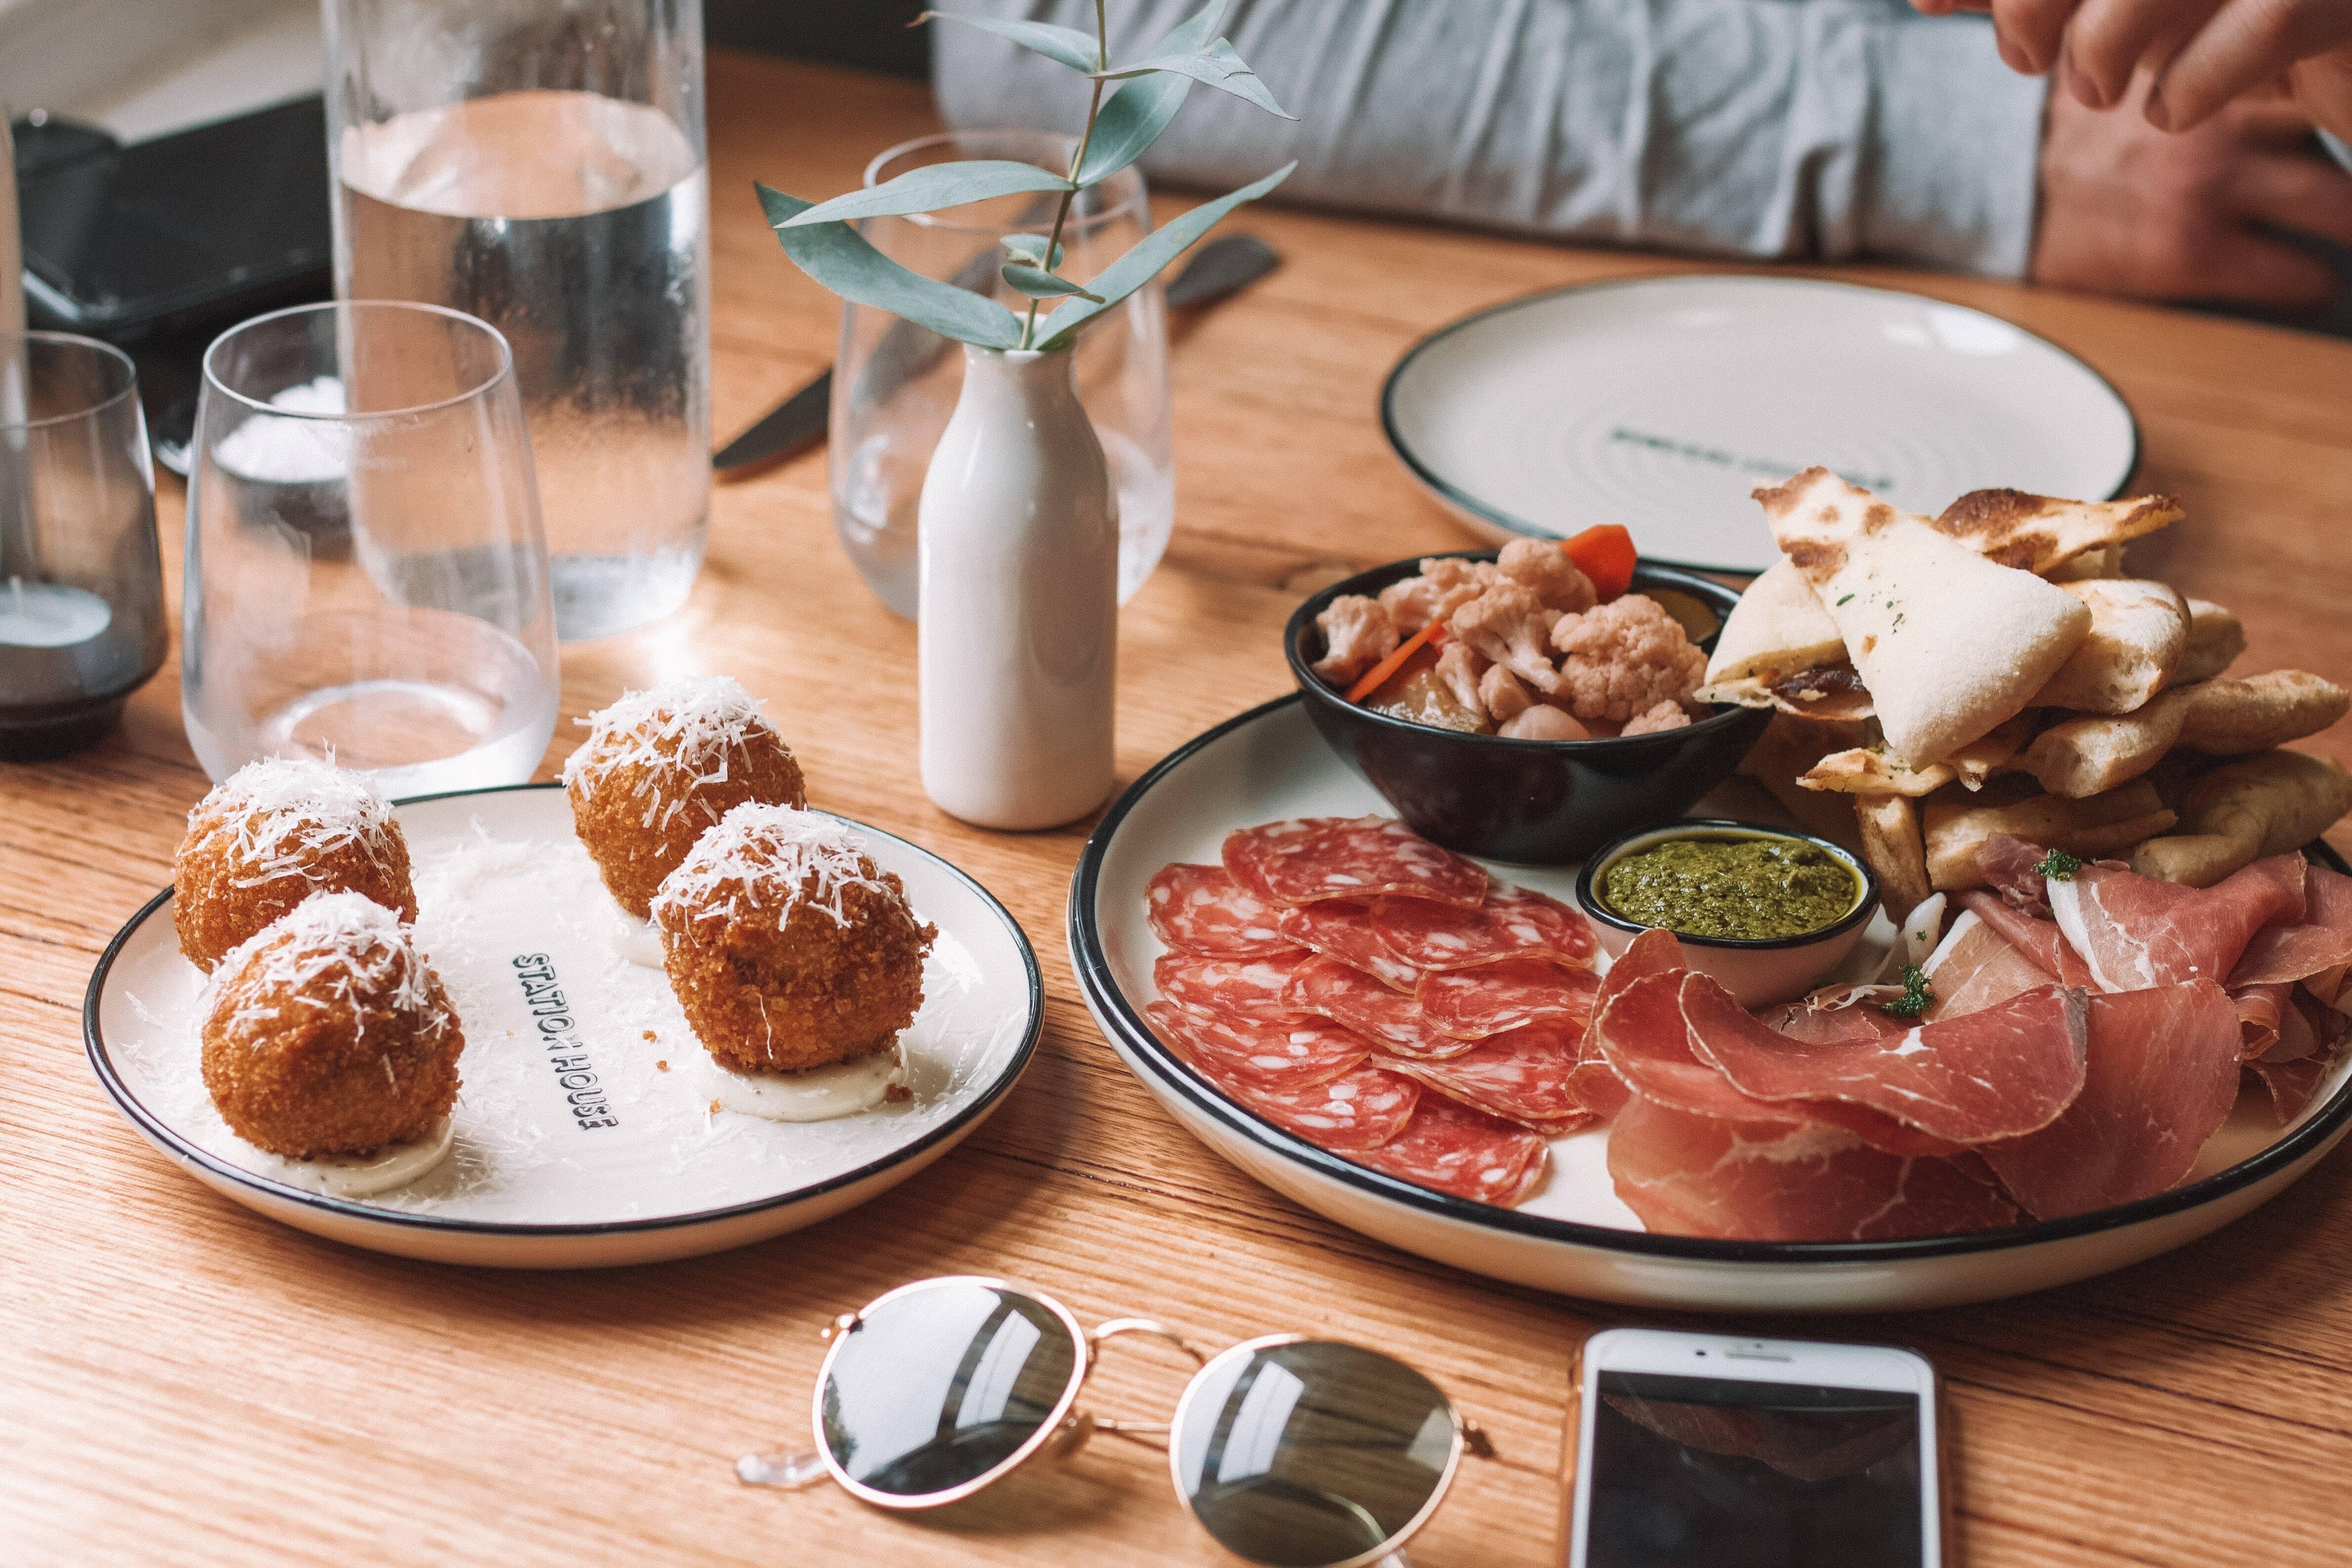 L'apéro du vendredi : Où manger des tapas à Lyon ?